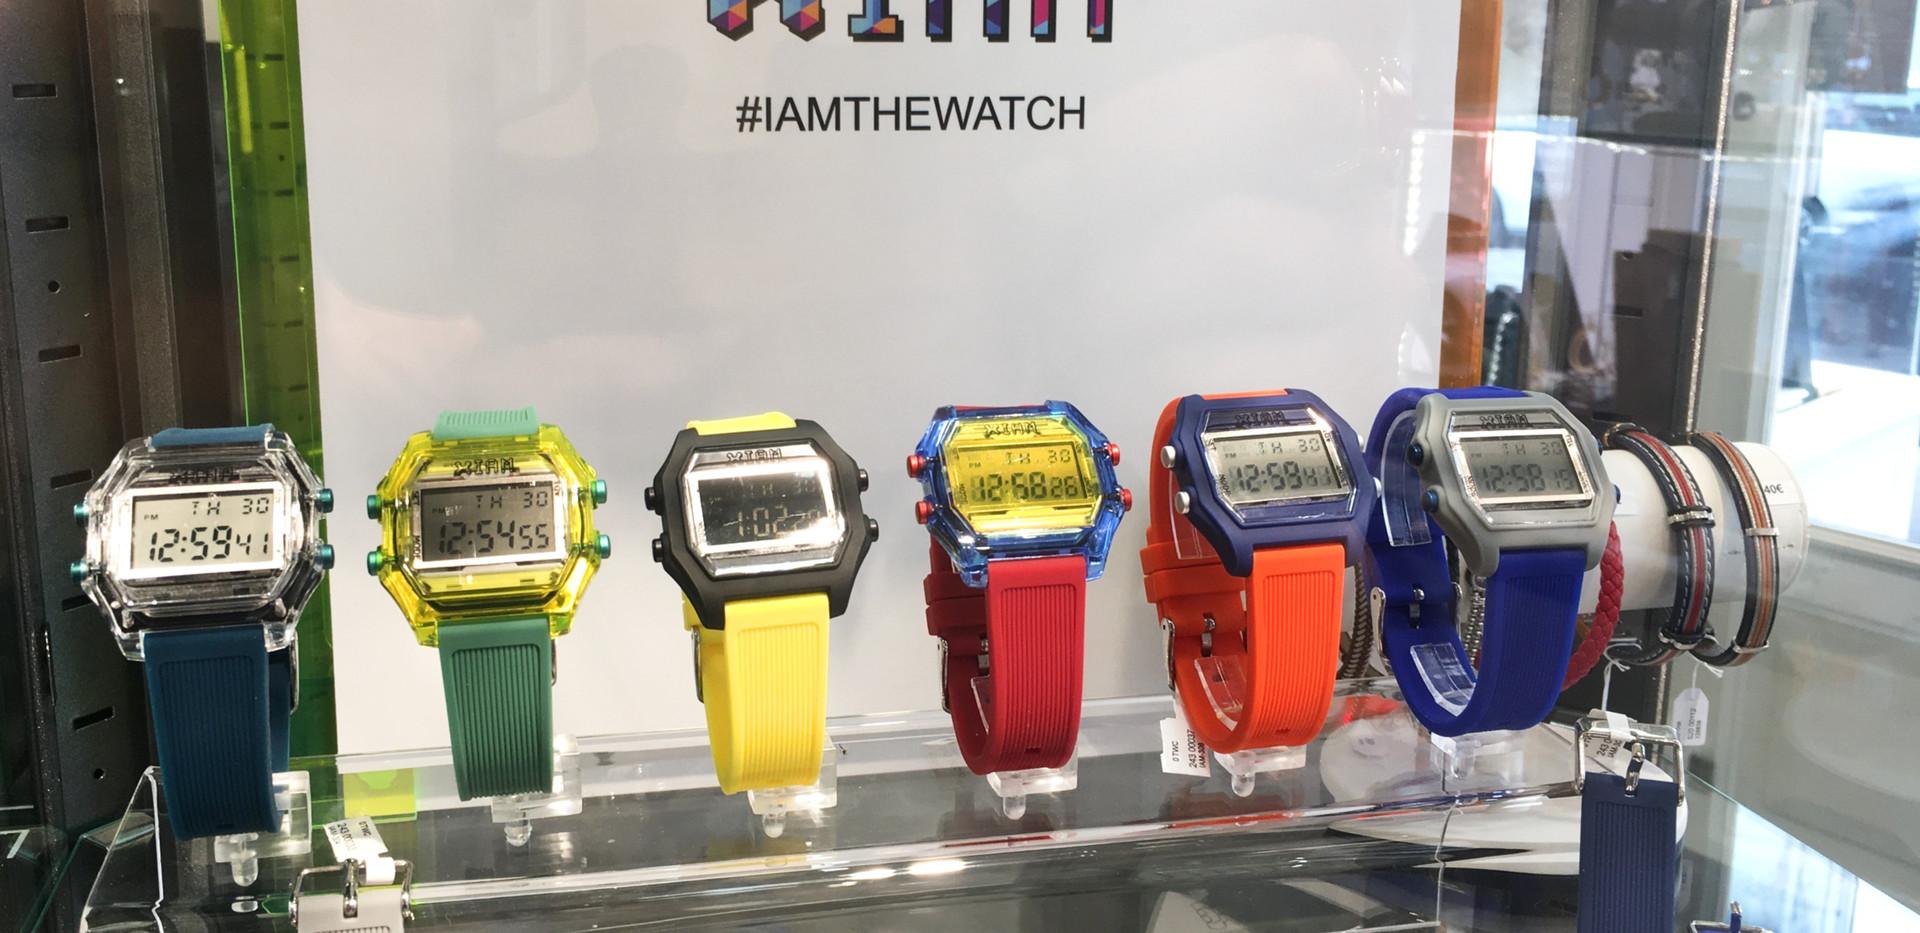 I Am The Watch sélection masculine, montre digitale, chrono, alarm, date jour, heure. Bracelet interchangeable. 49€